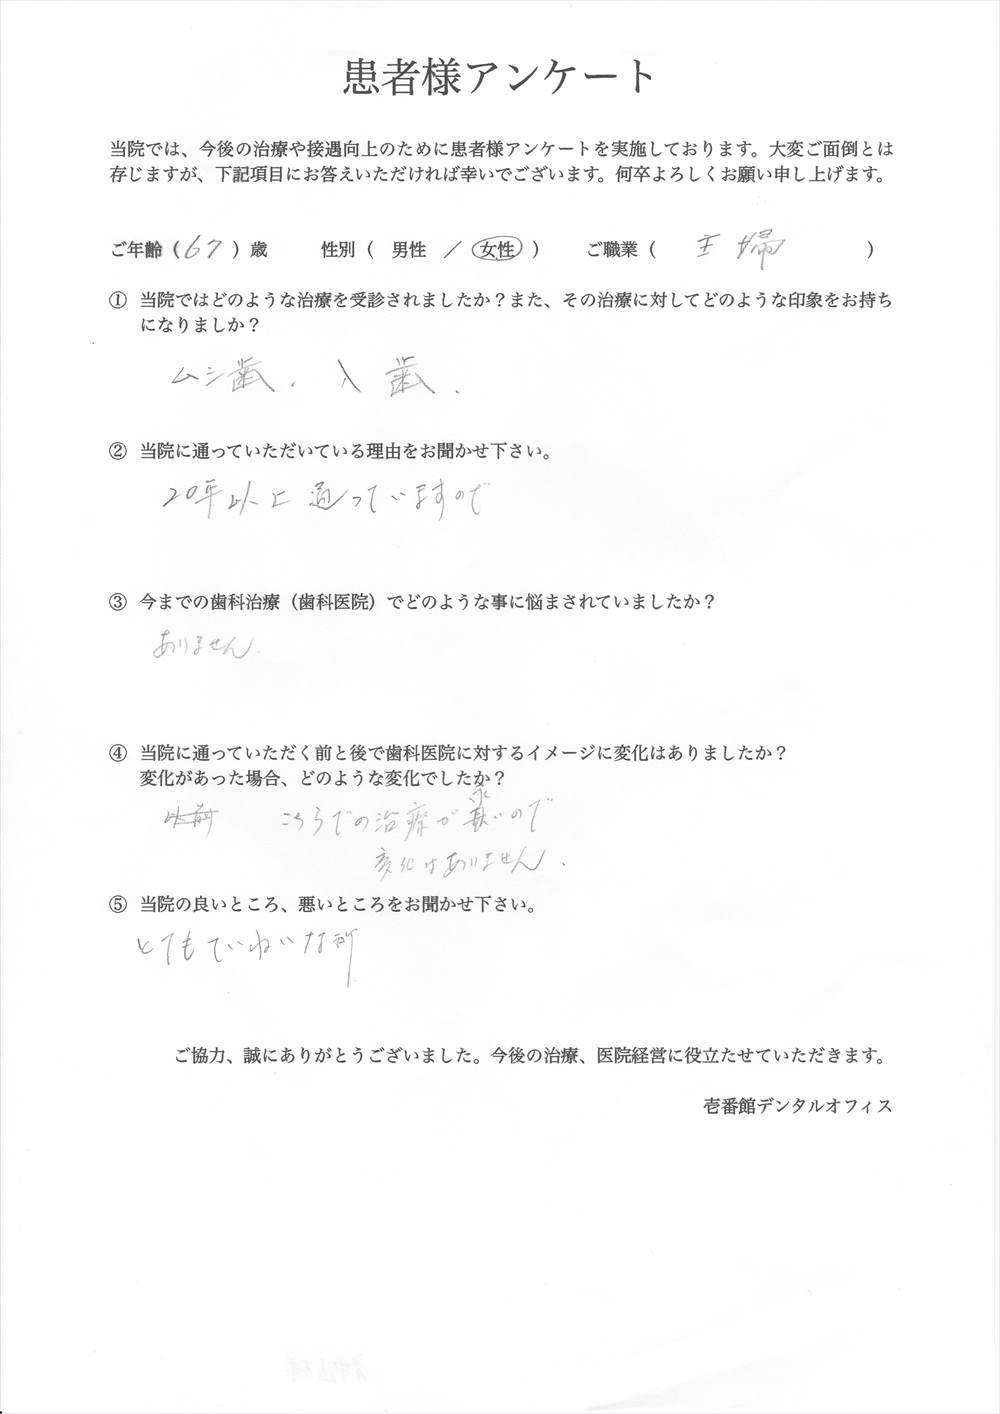 壱番館デンタルオフィス口コミ評判アンケート5